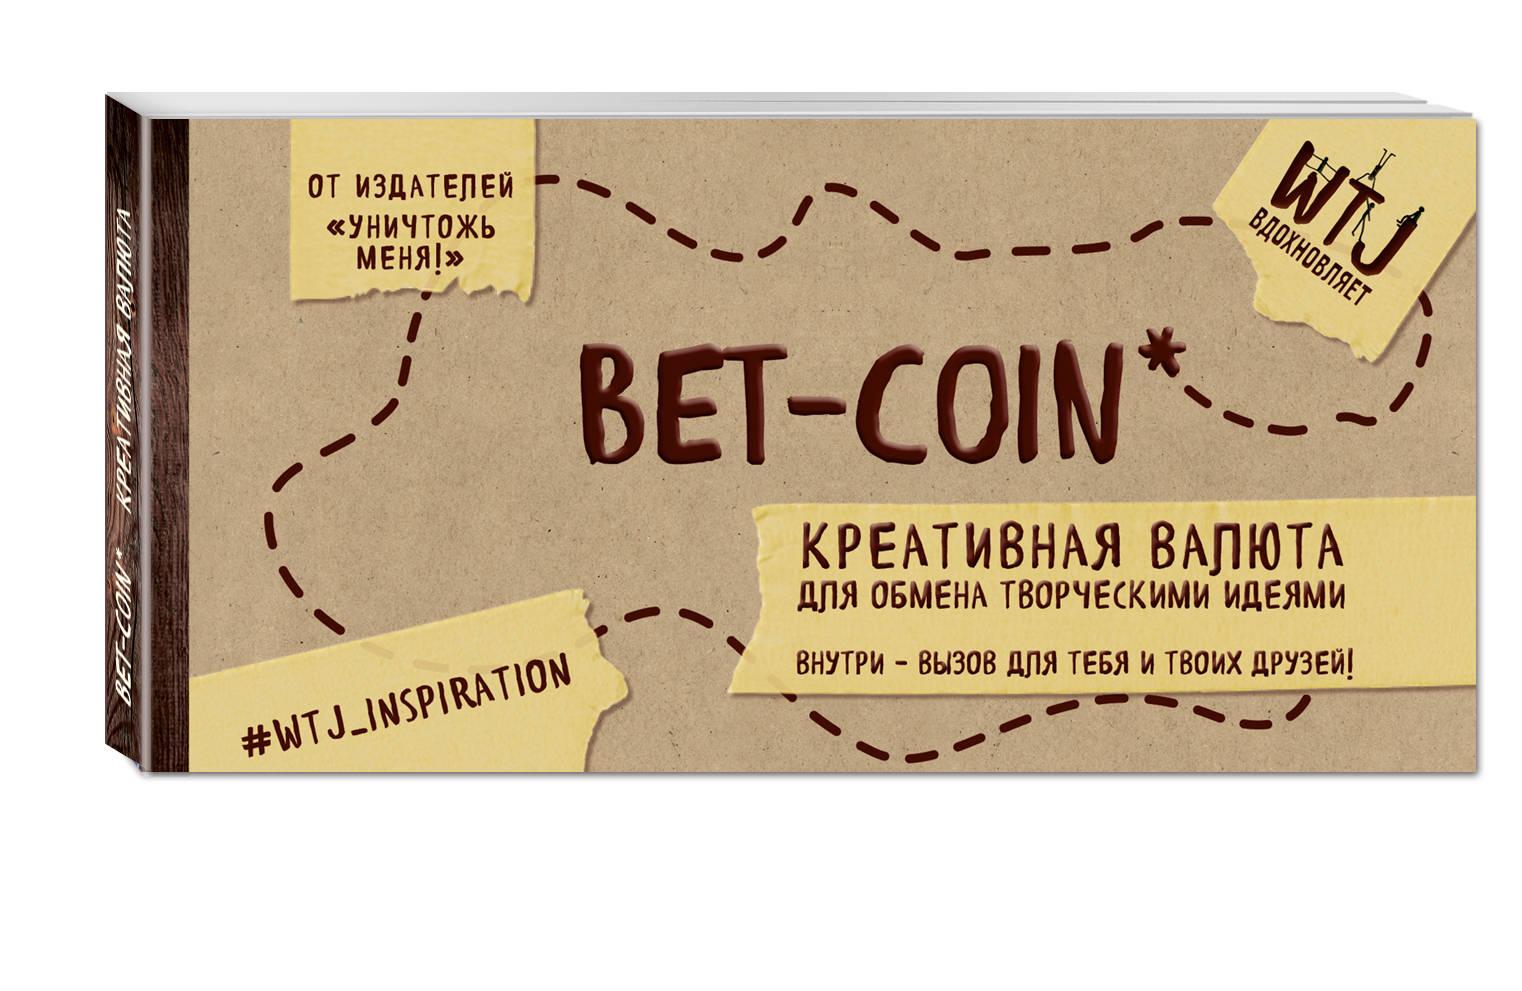 Селлер К. Bet-coin. Креативная валюта для обмена творческими идеями (на перфорации) в в коноваленко с в коноваленко логопедическая раскраска для закрепления произношения свистящих звуков с сь з зь ц